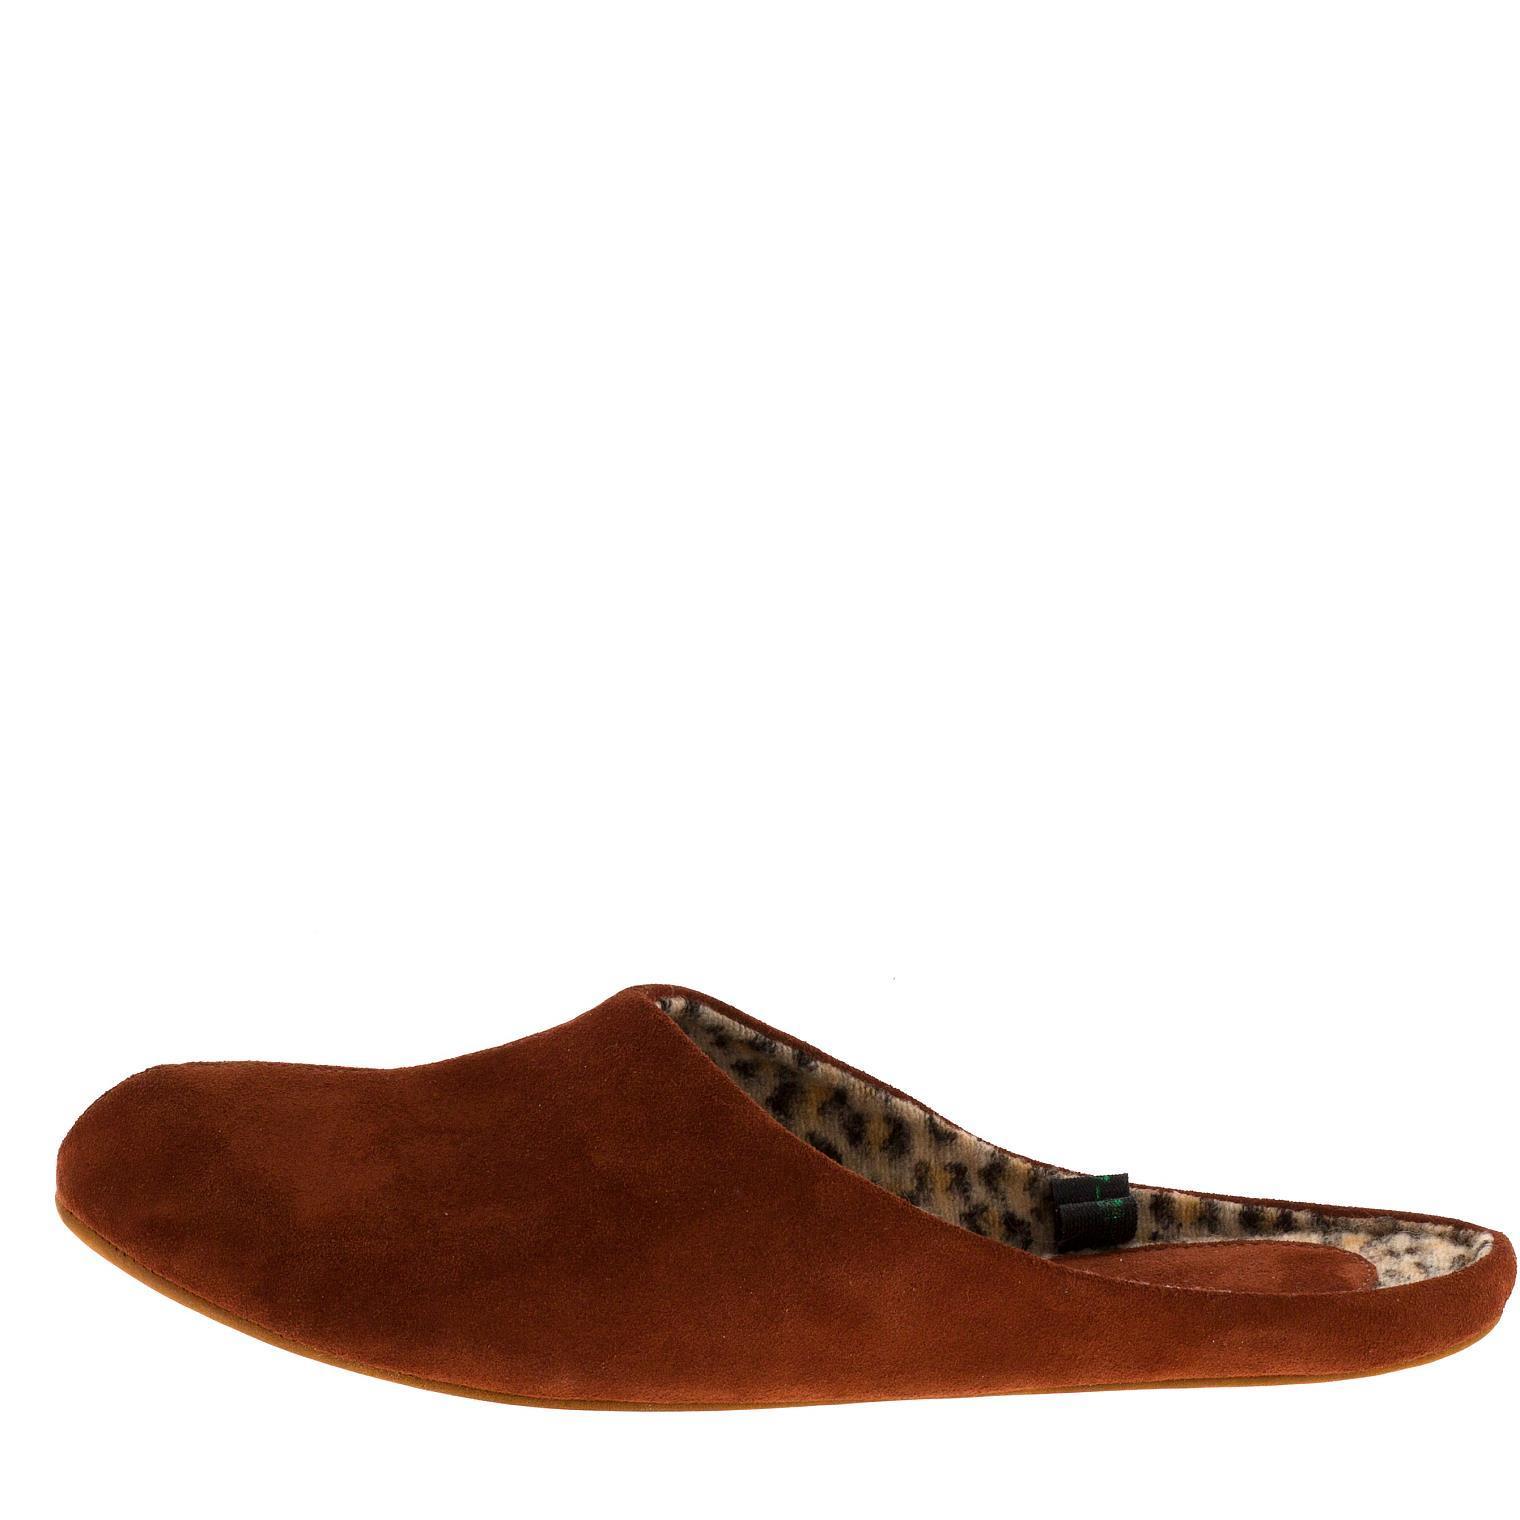 777137 туфли домашние женские терракот больших размеров марки Делфино